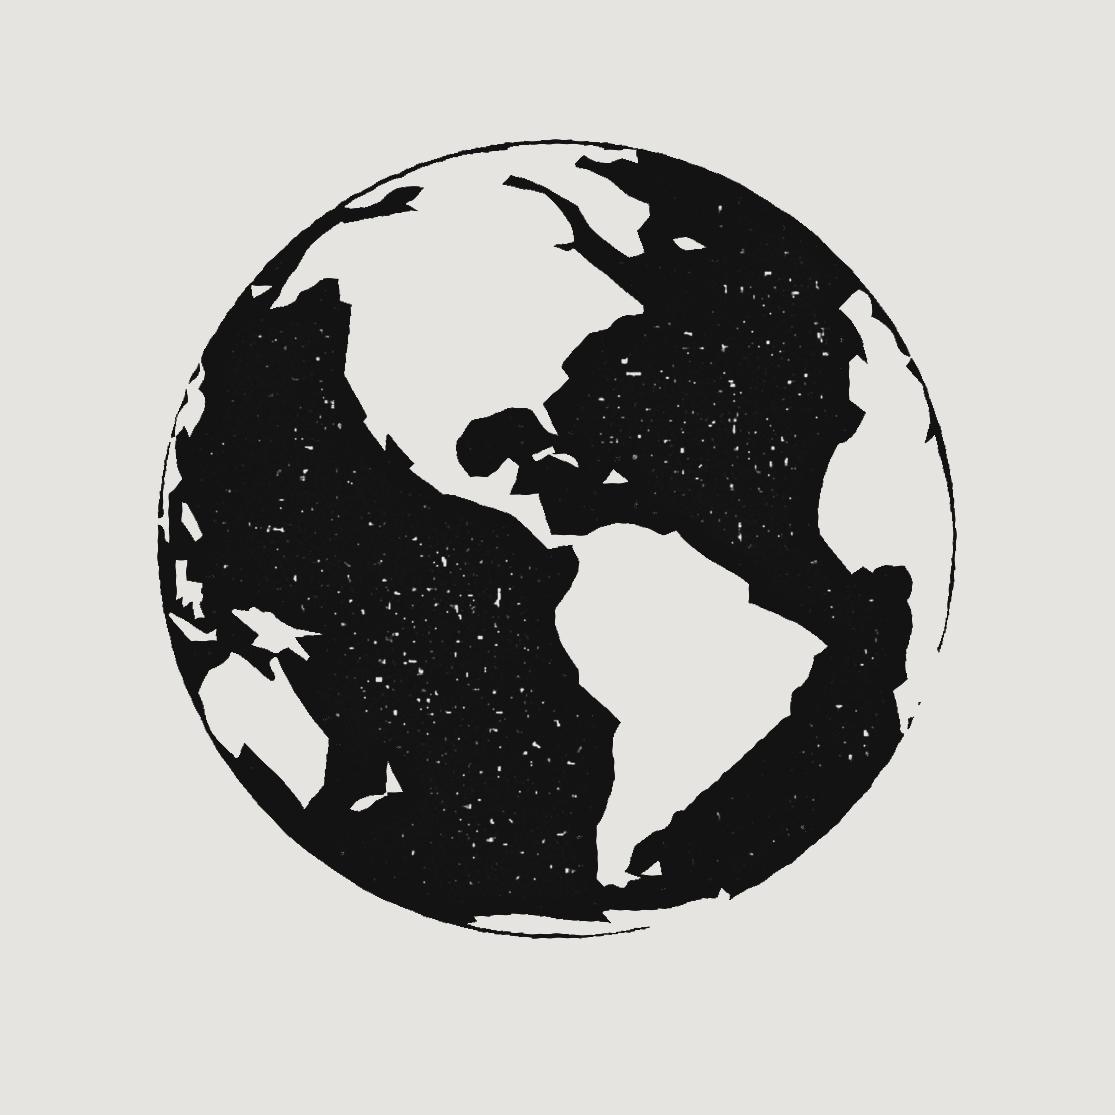 zumbar_Mundo_BG3.jpg